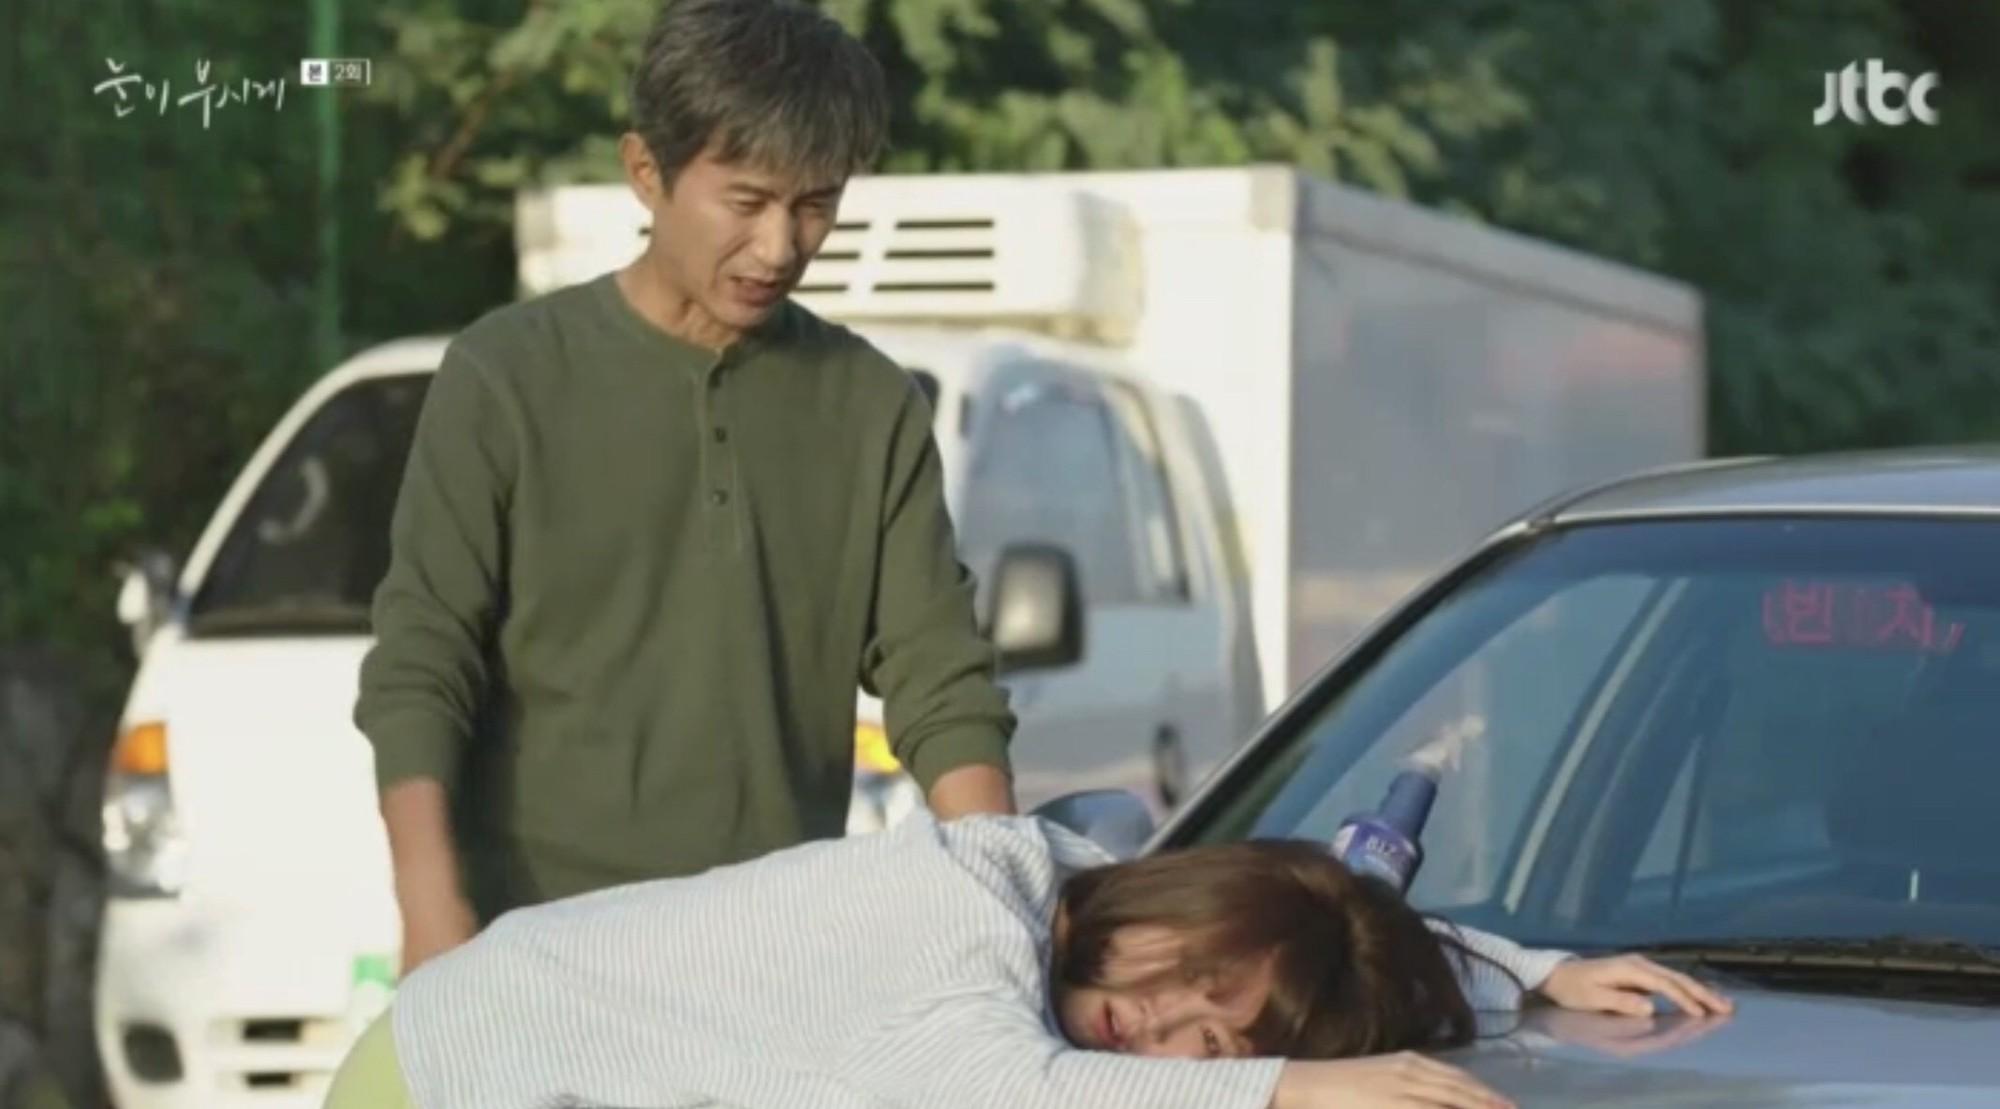 Lầy mà dễ thương như Han Ji Min trong Dazzling thì có đáng yêu không? - Ảnh 5.